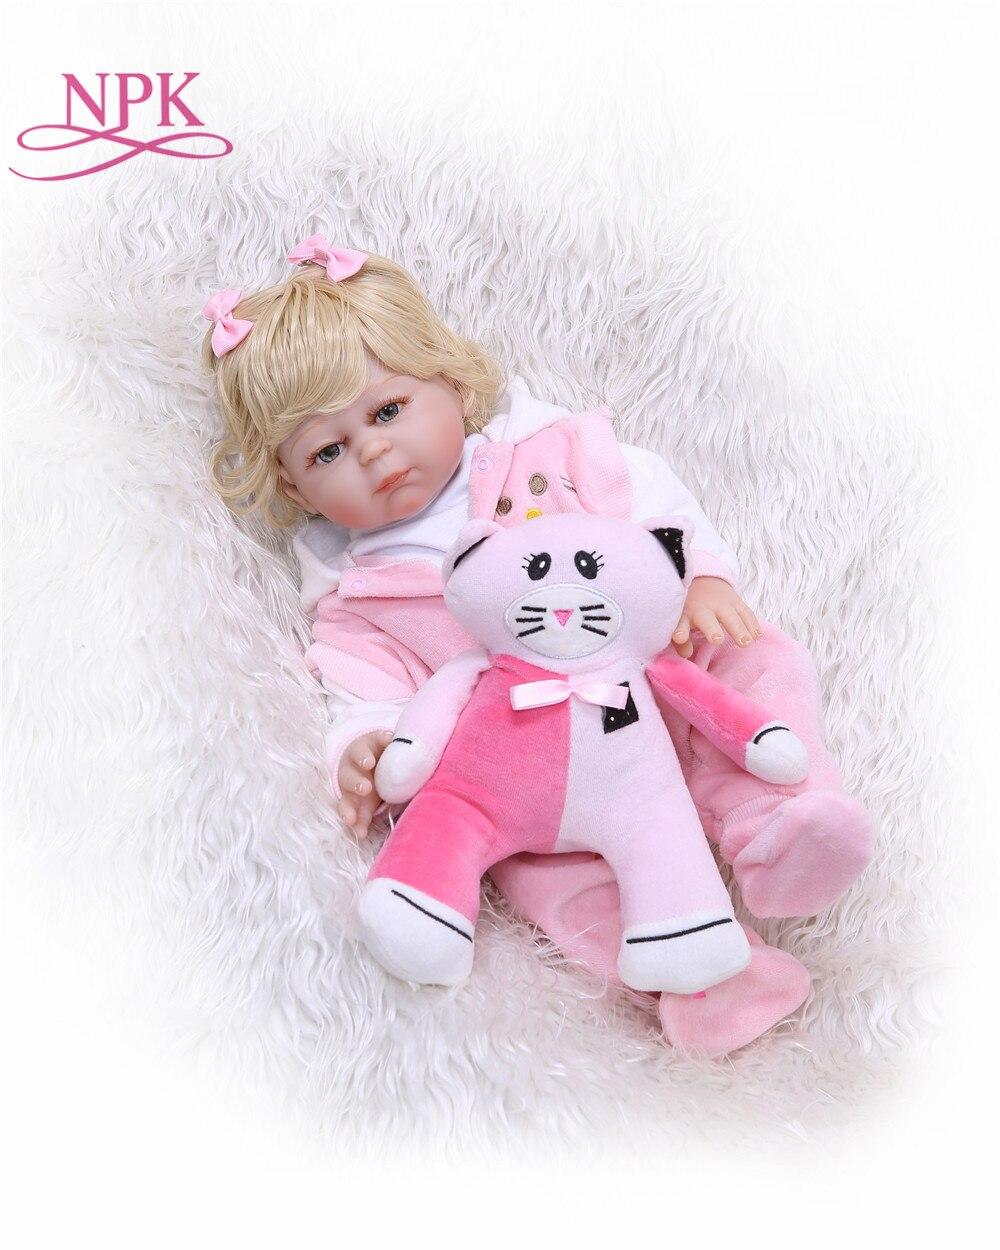 NPK 50 CM corps complet bebe poupée reborn Silicone Reborn bébé poupée jouets pour filles Bonecas nouveau né Bebe cadeau d'anniversaire jouets de bain-in Poupées from Jeux et loisirs    1